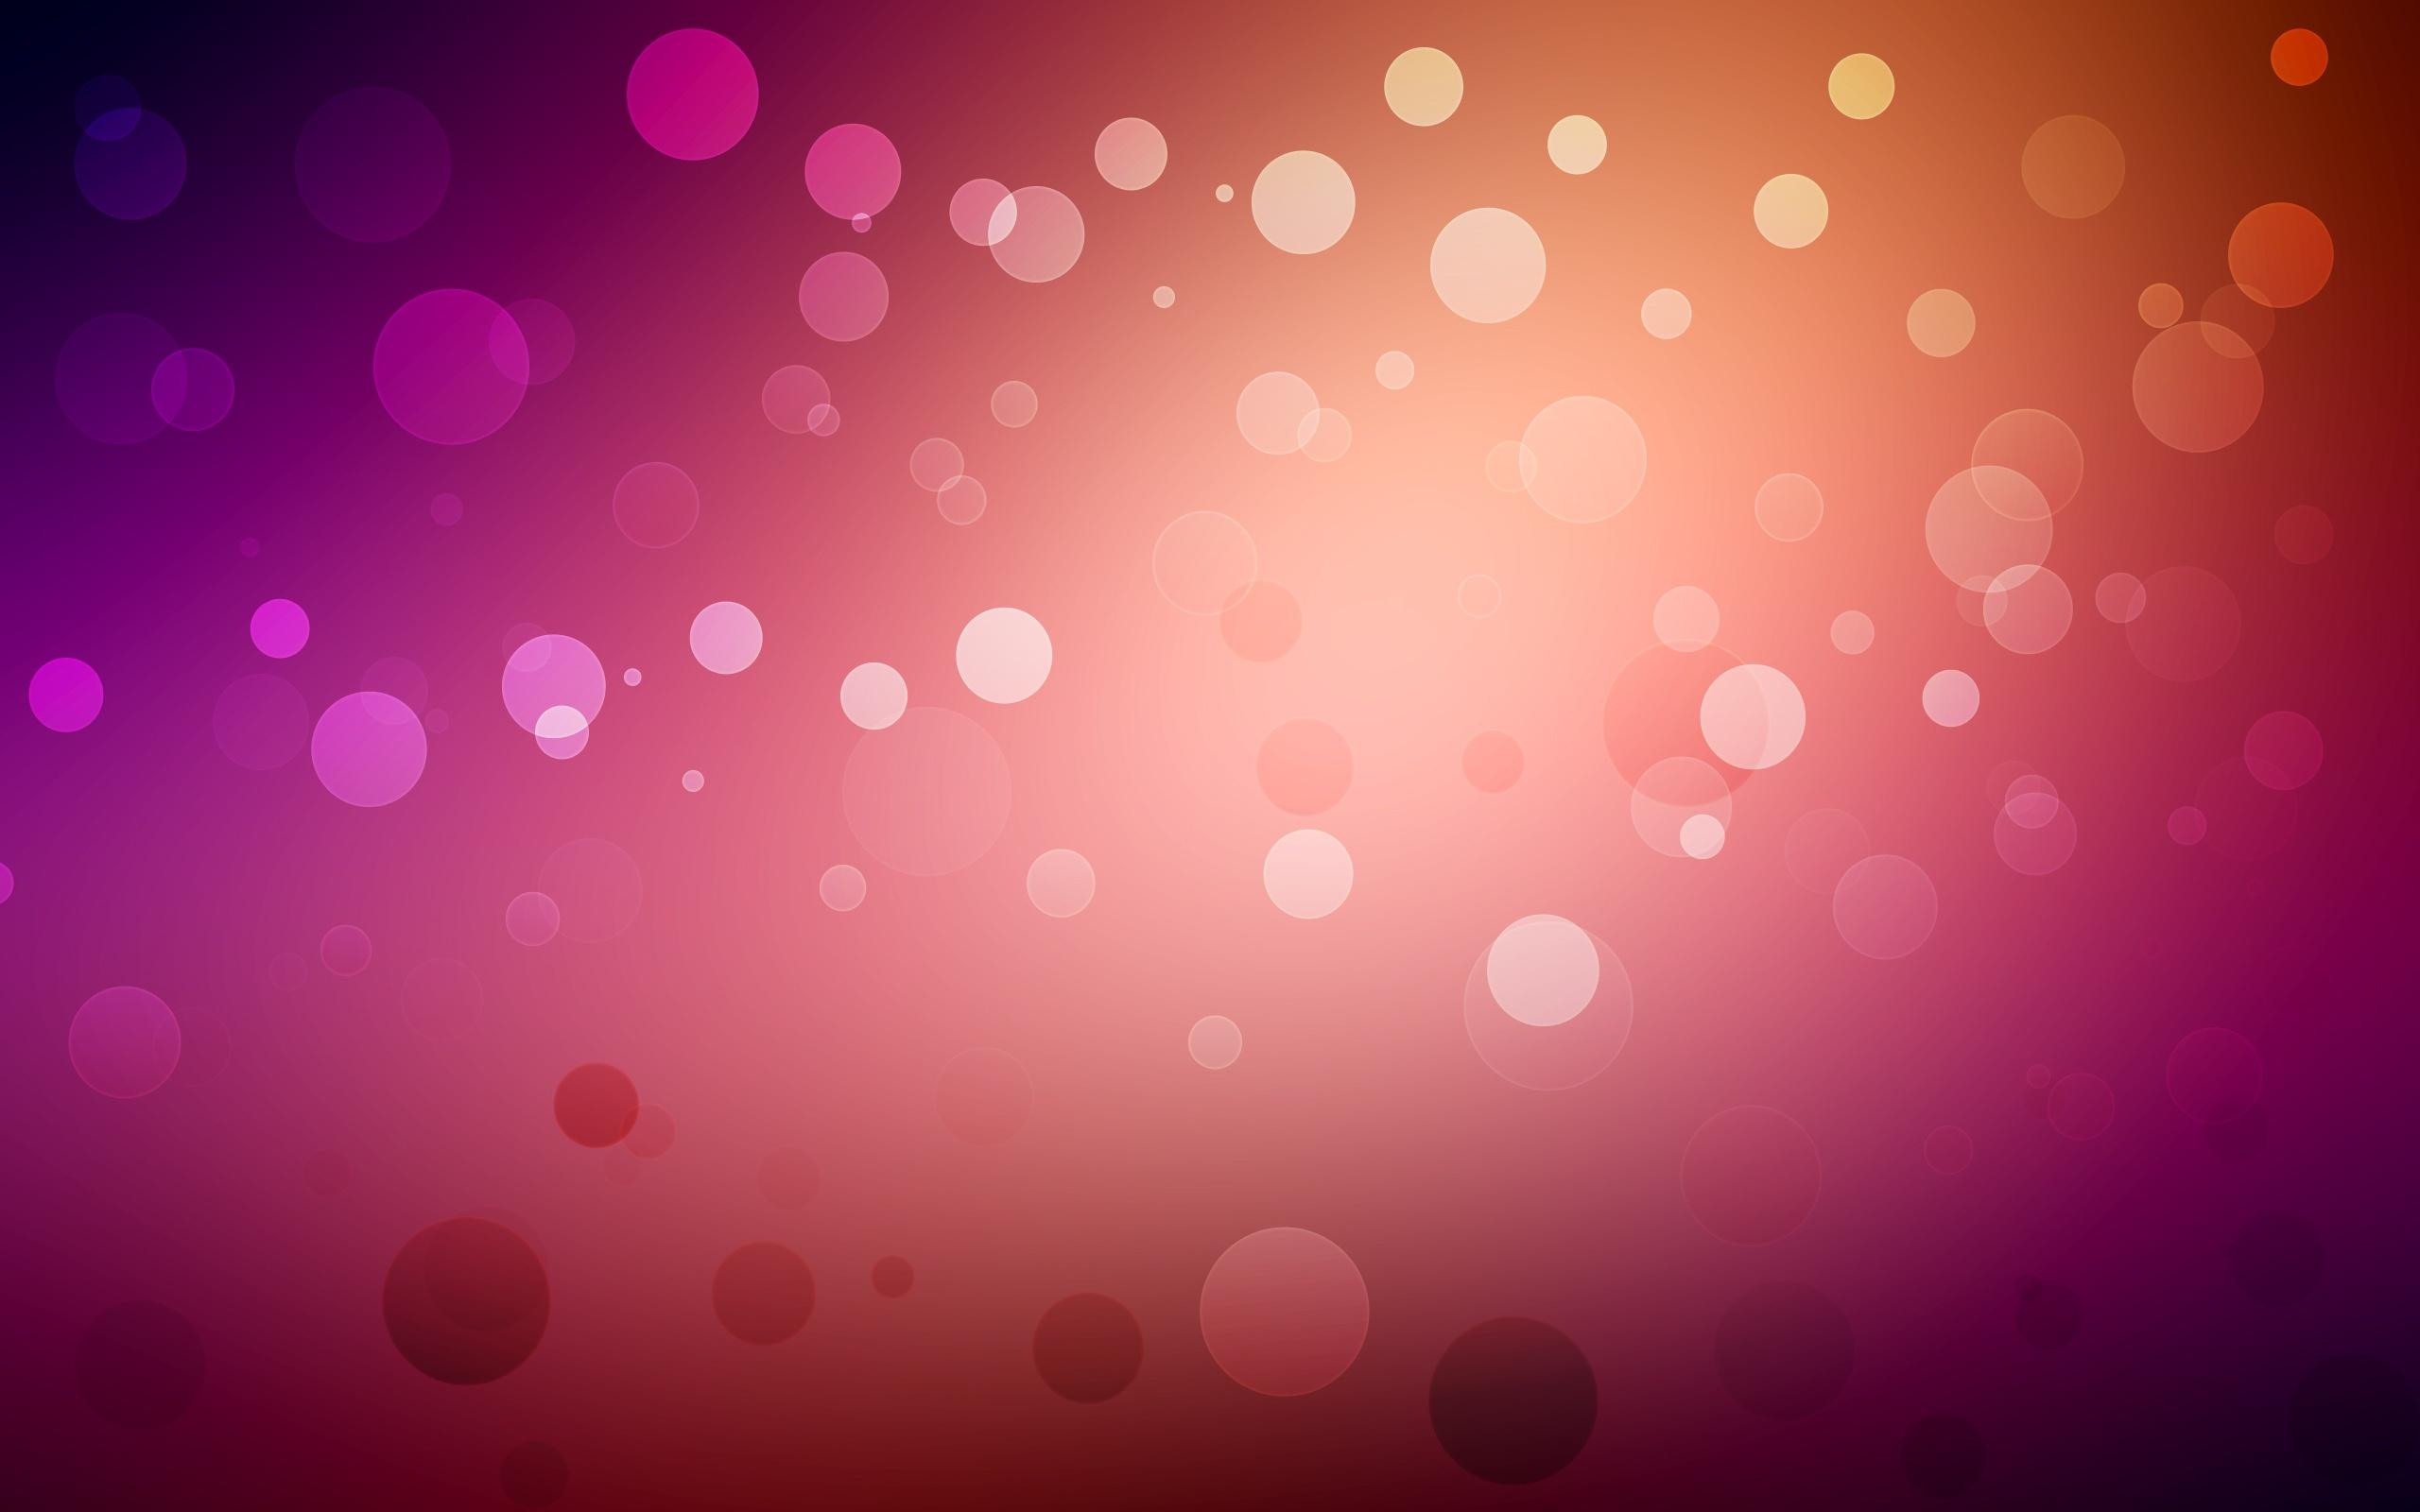 hd hintergrundbilder blur kreise licht rosa 1920x1080